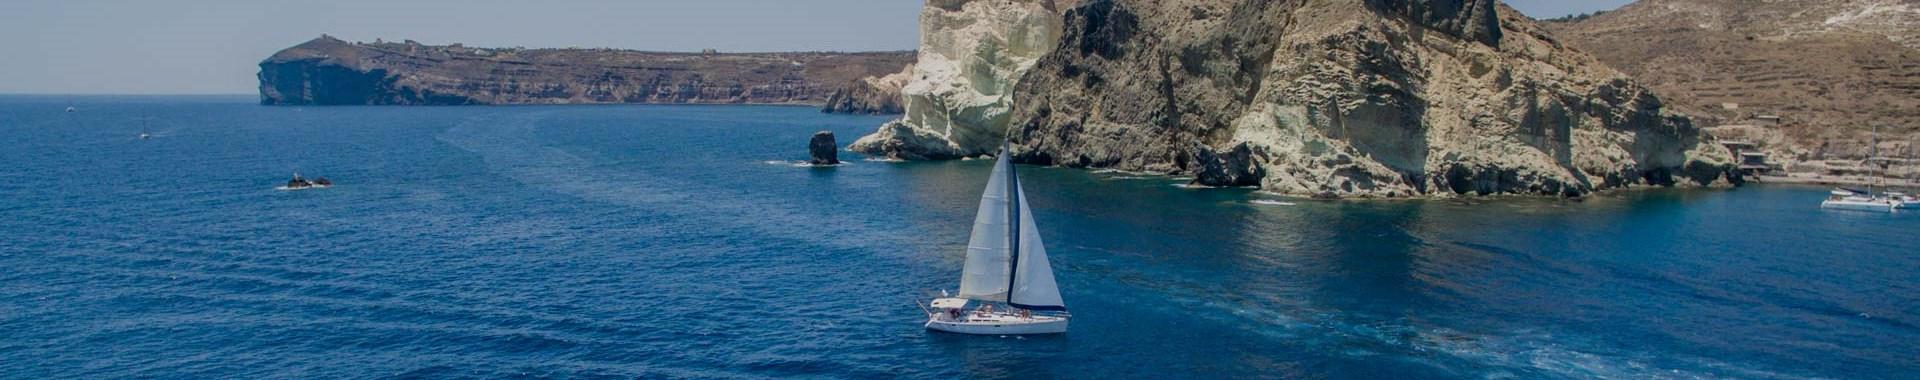 Barca Sailing